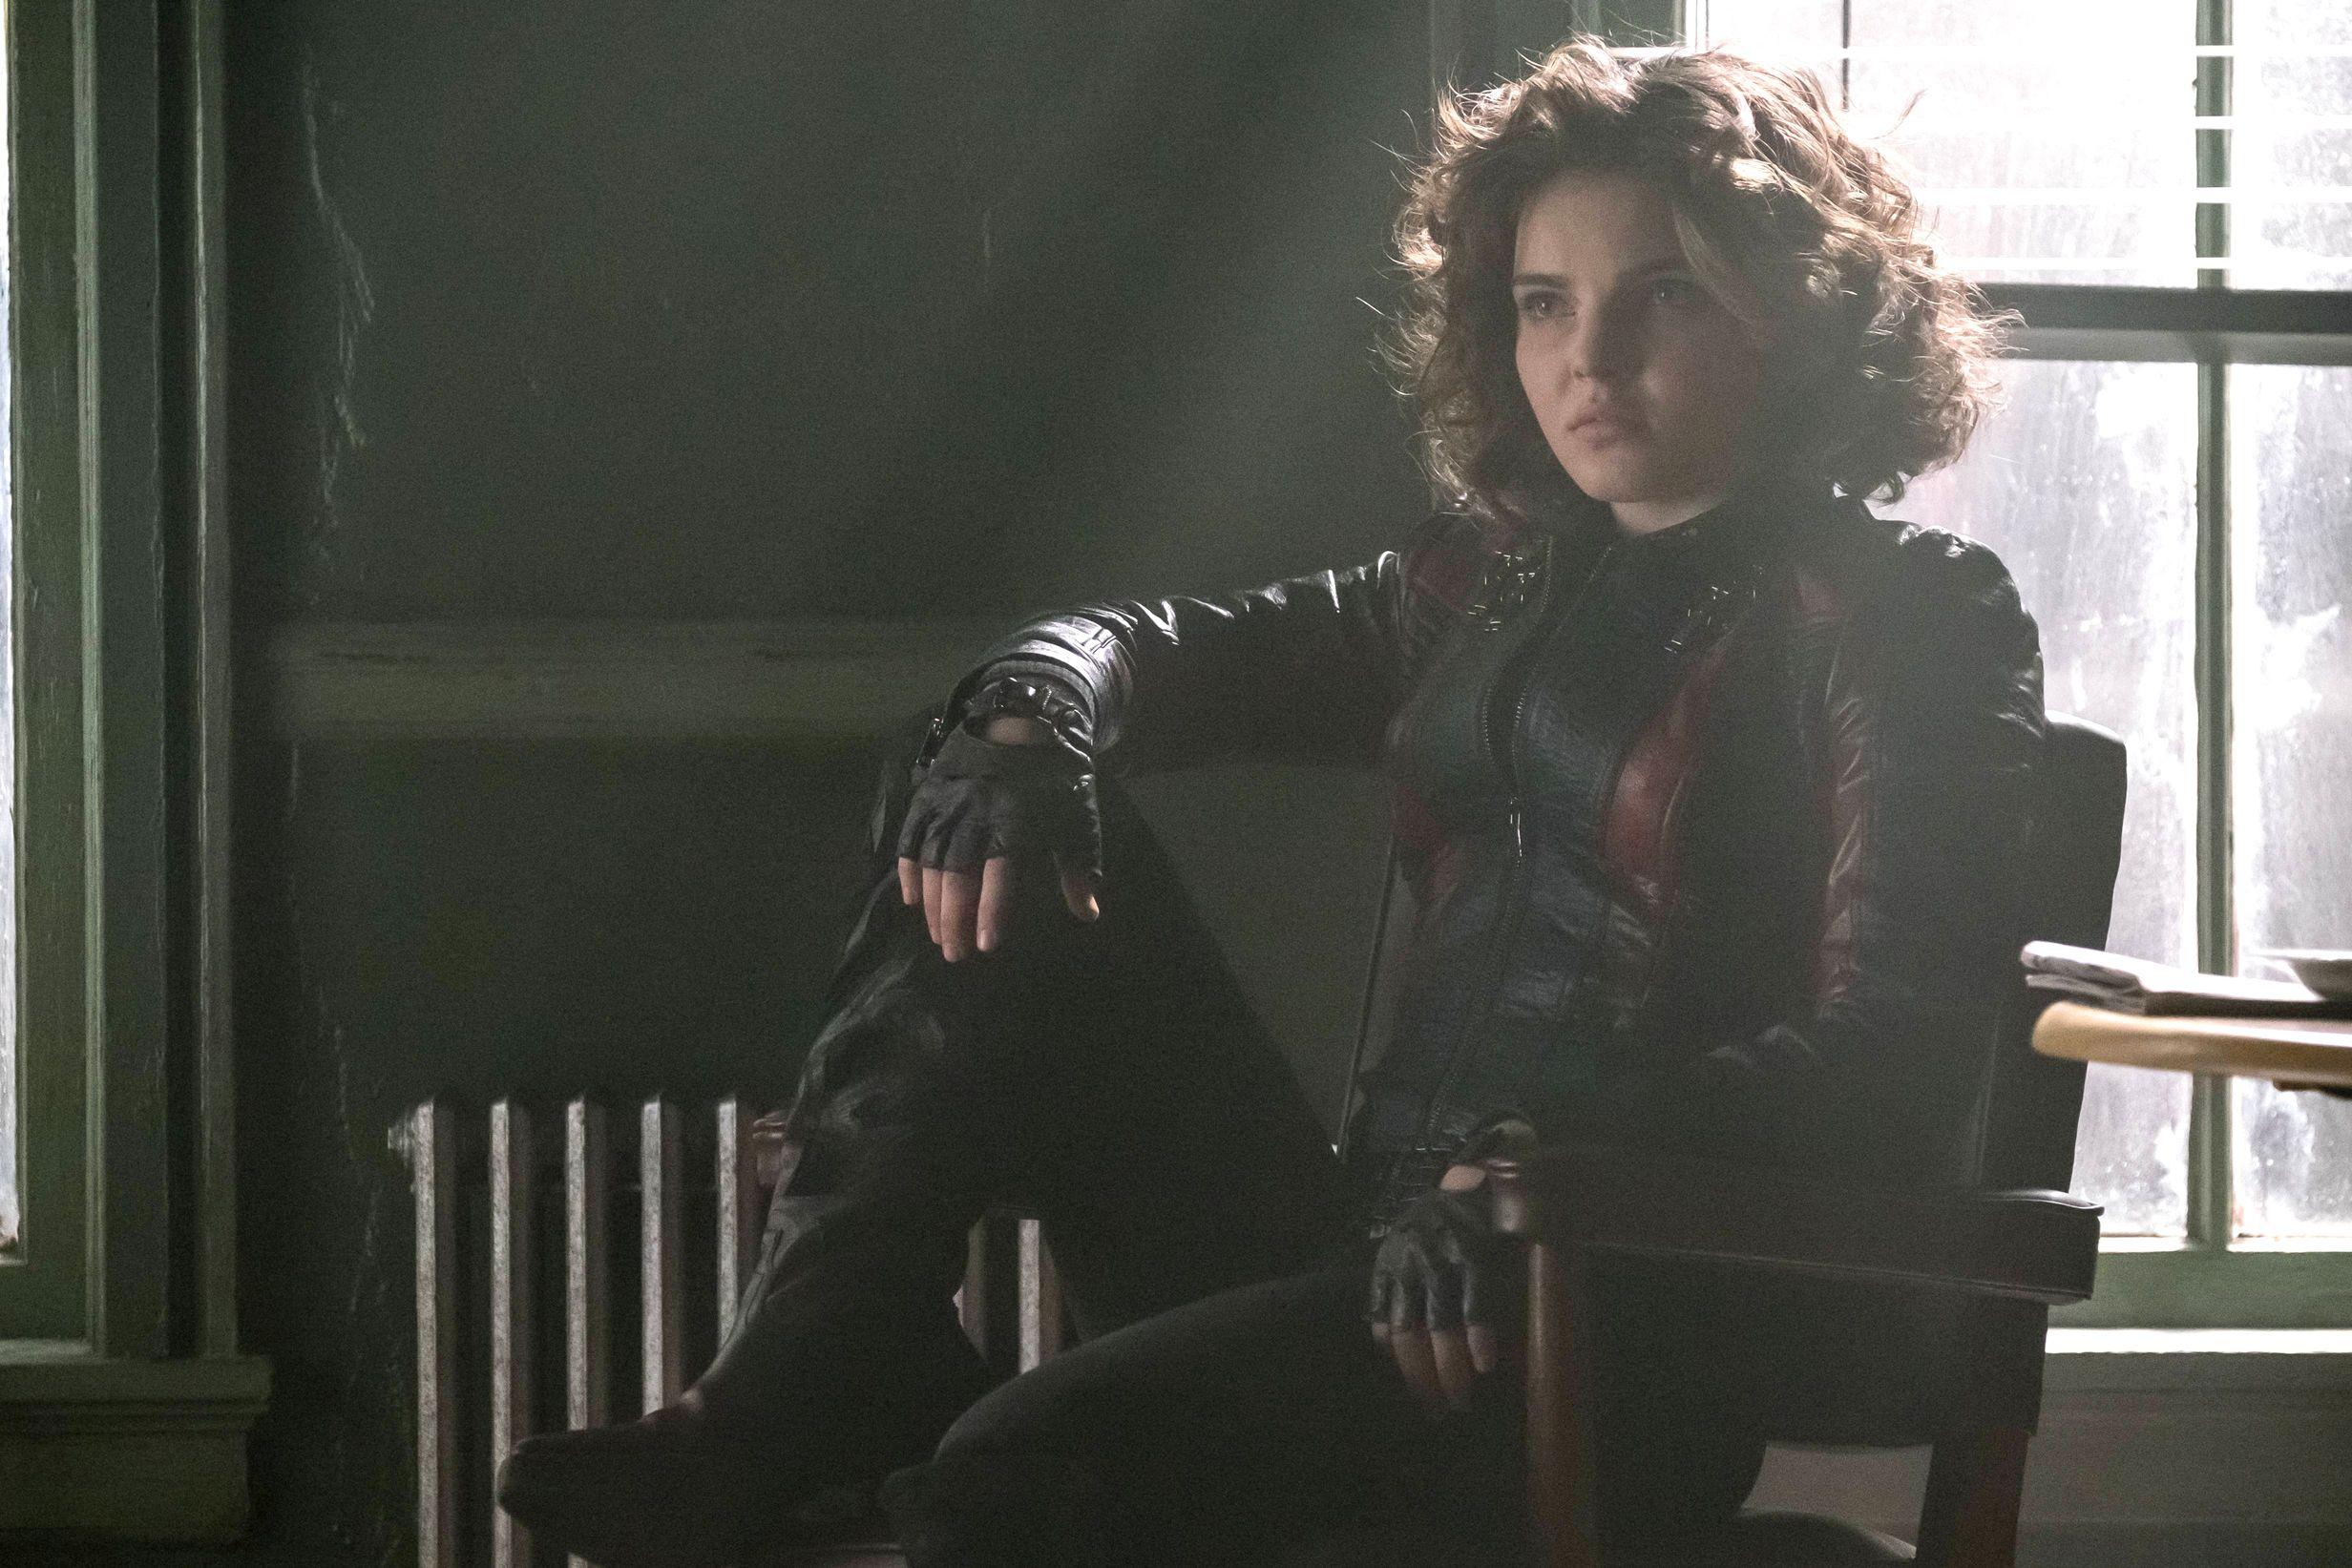 Gotham Season 3 Episodes 21-22 Recap: A Dark Finale | Collider